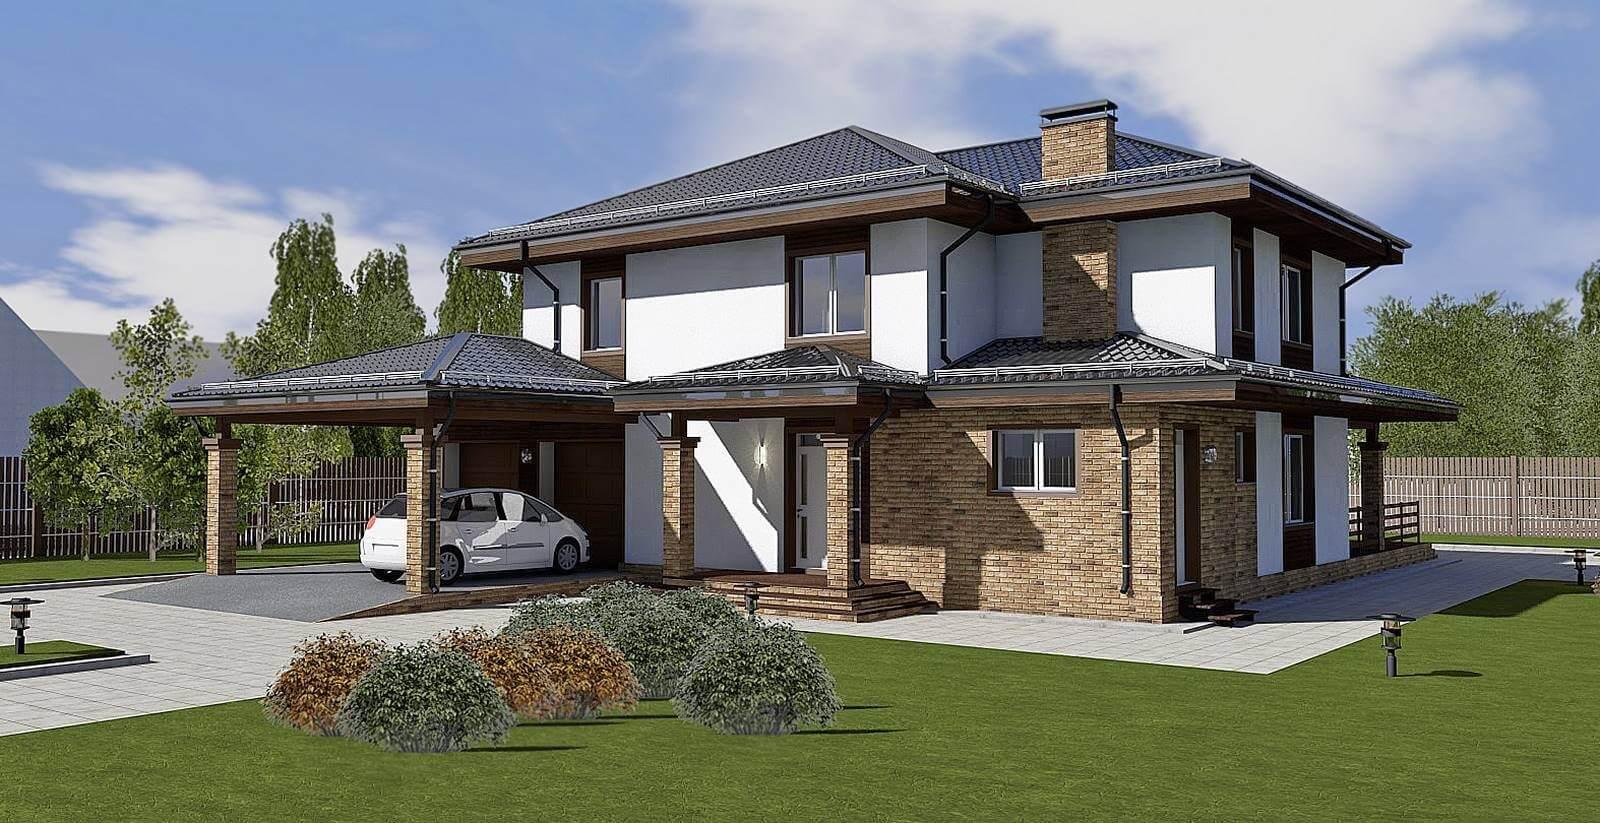 могли назвать проекты красивых двухэтажных домов с гаражом фото как выгодно снимать